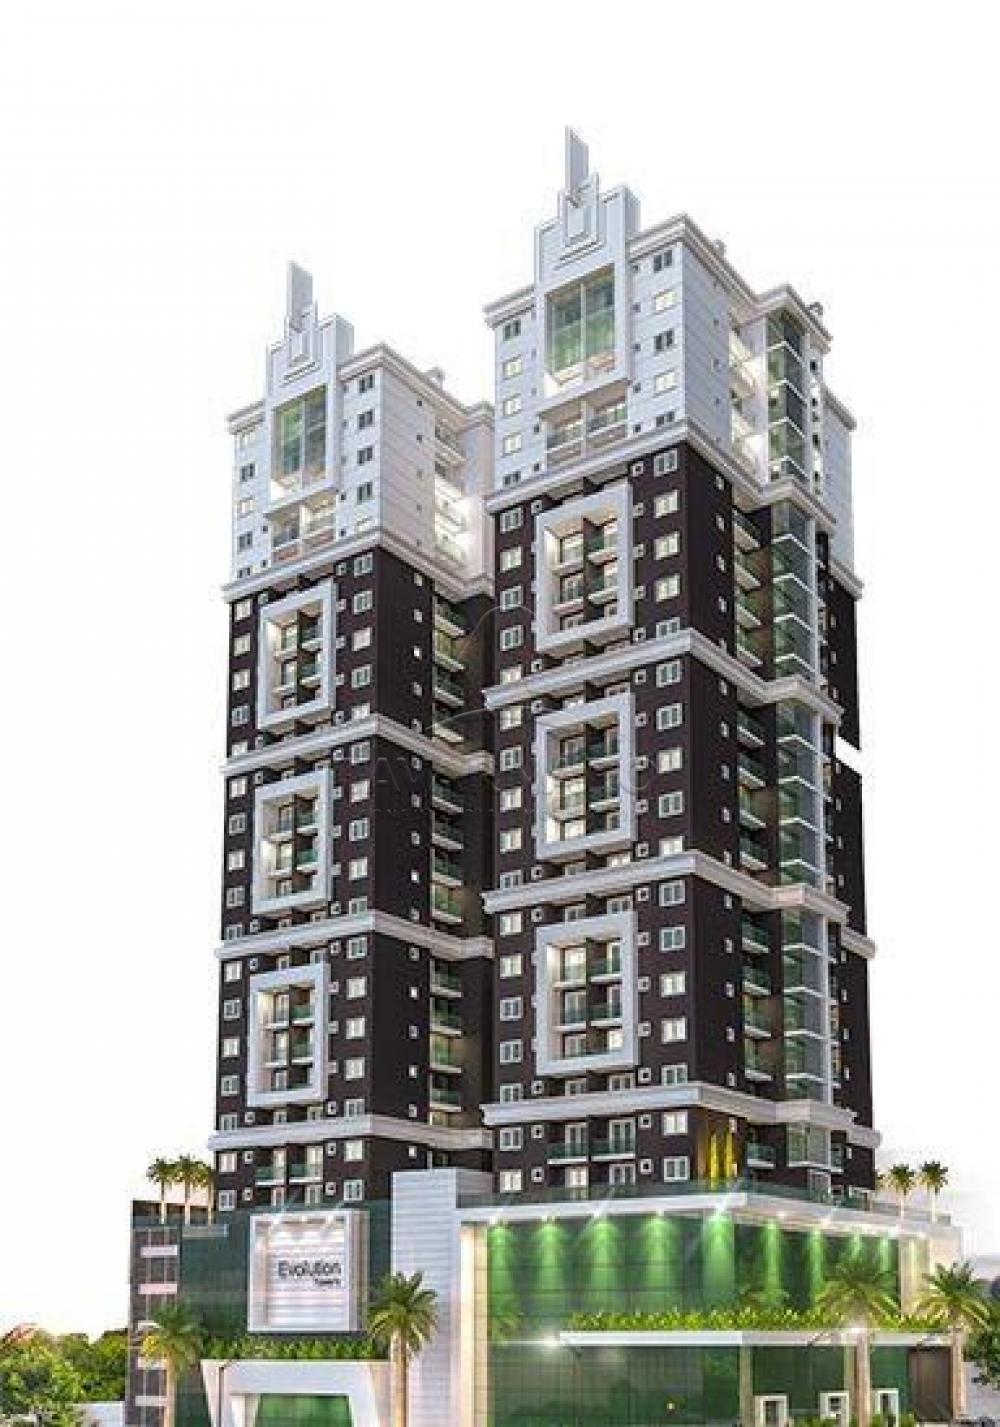 Comprar Apartamento / Padrão em Ponta Grossa apenas R$ 400.000,00 - Foto 1